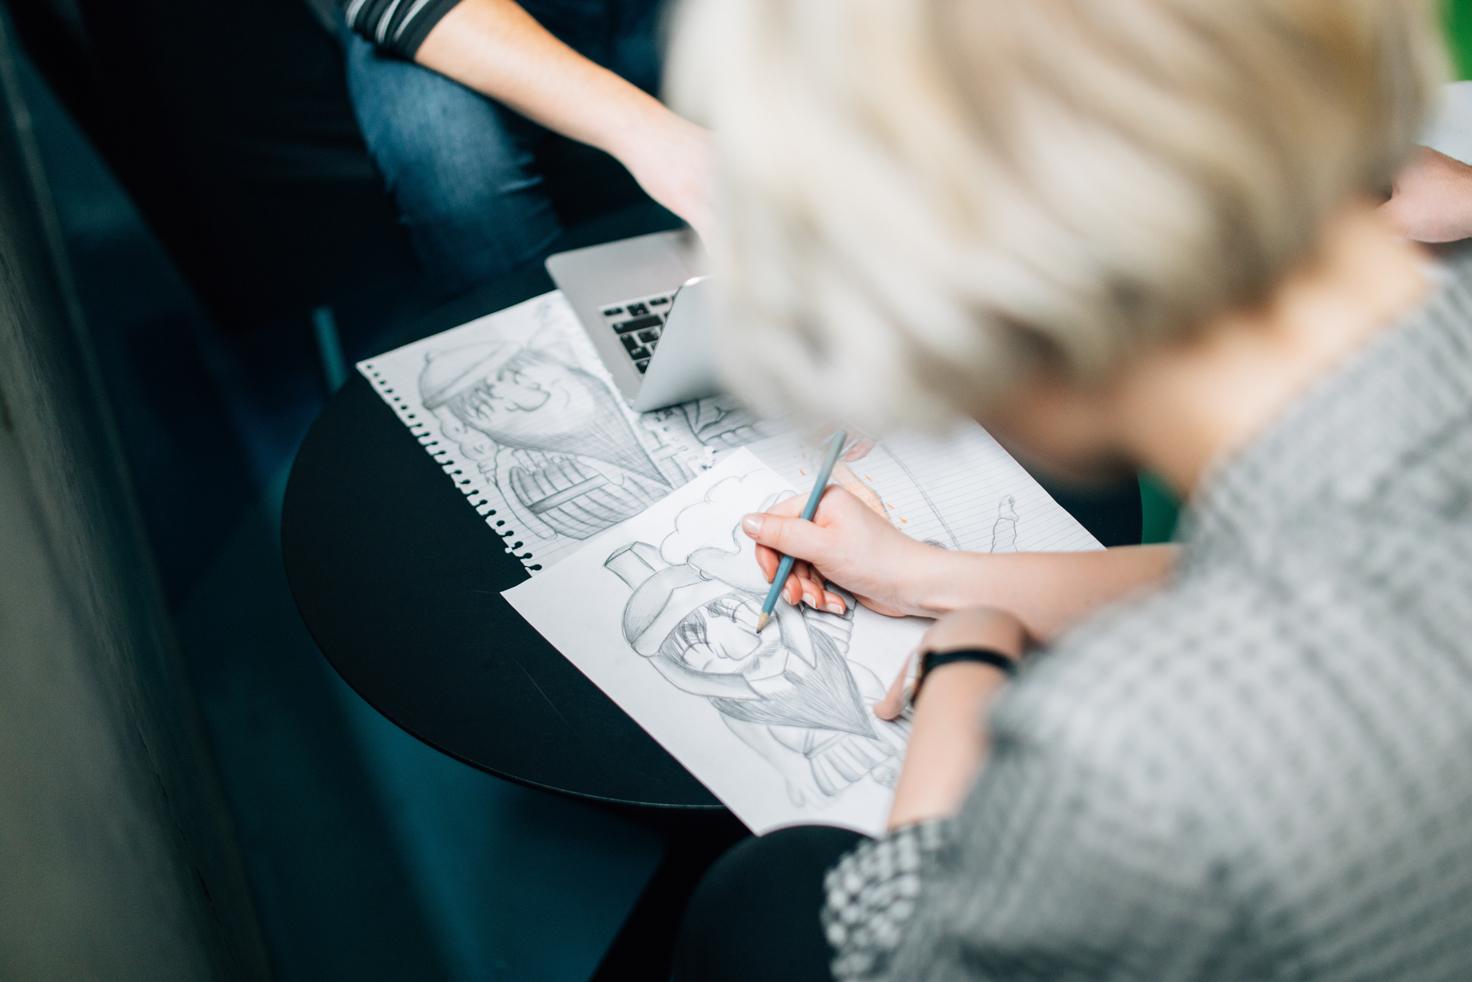 Première édition du Sketch Club à Montréal